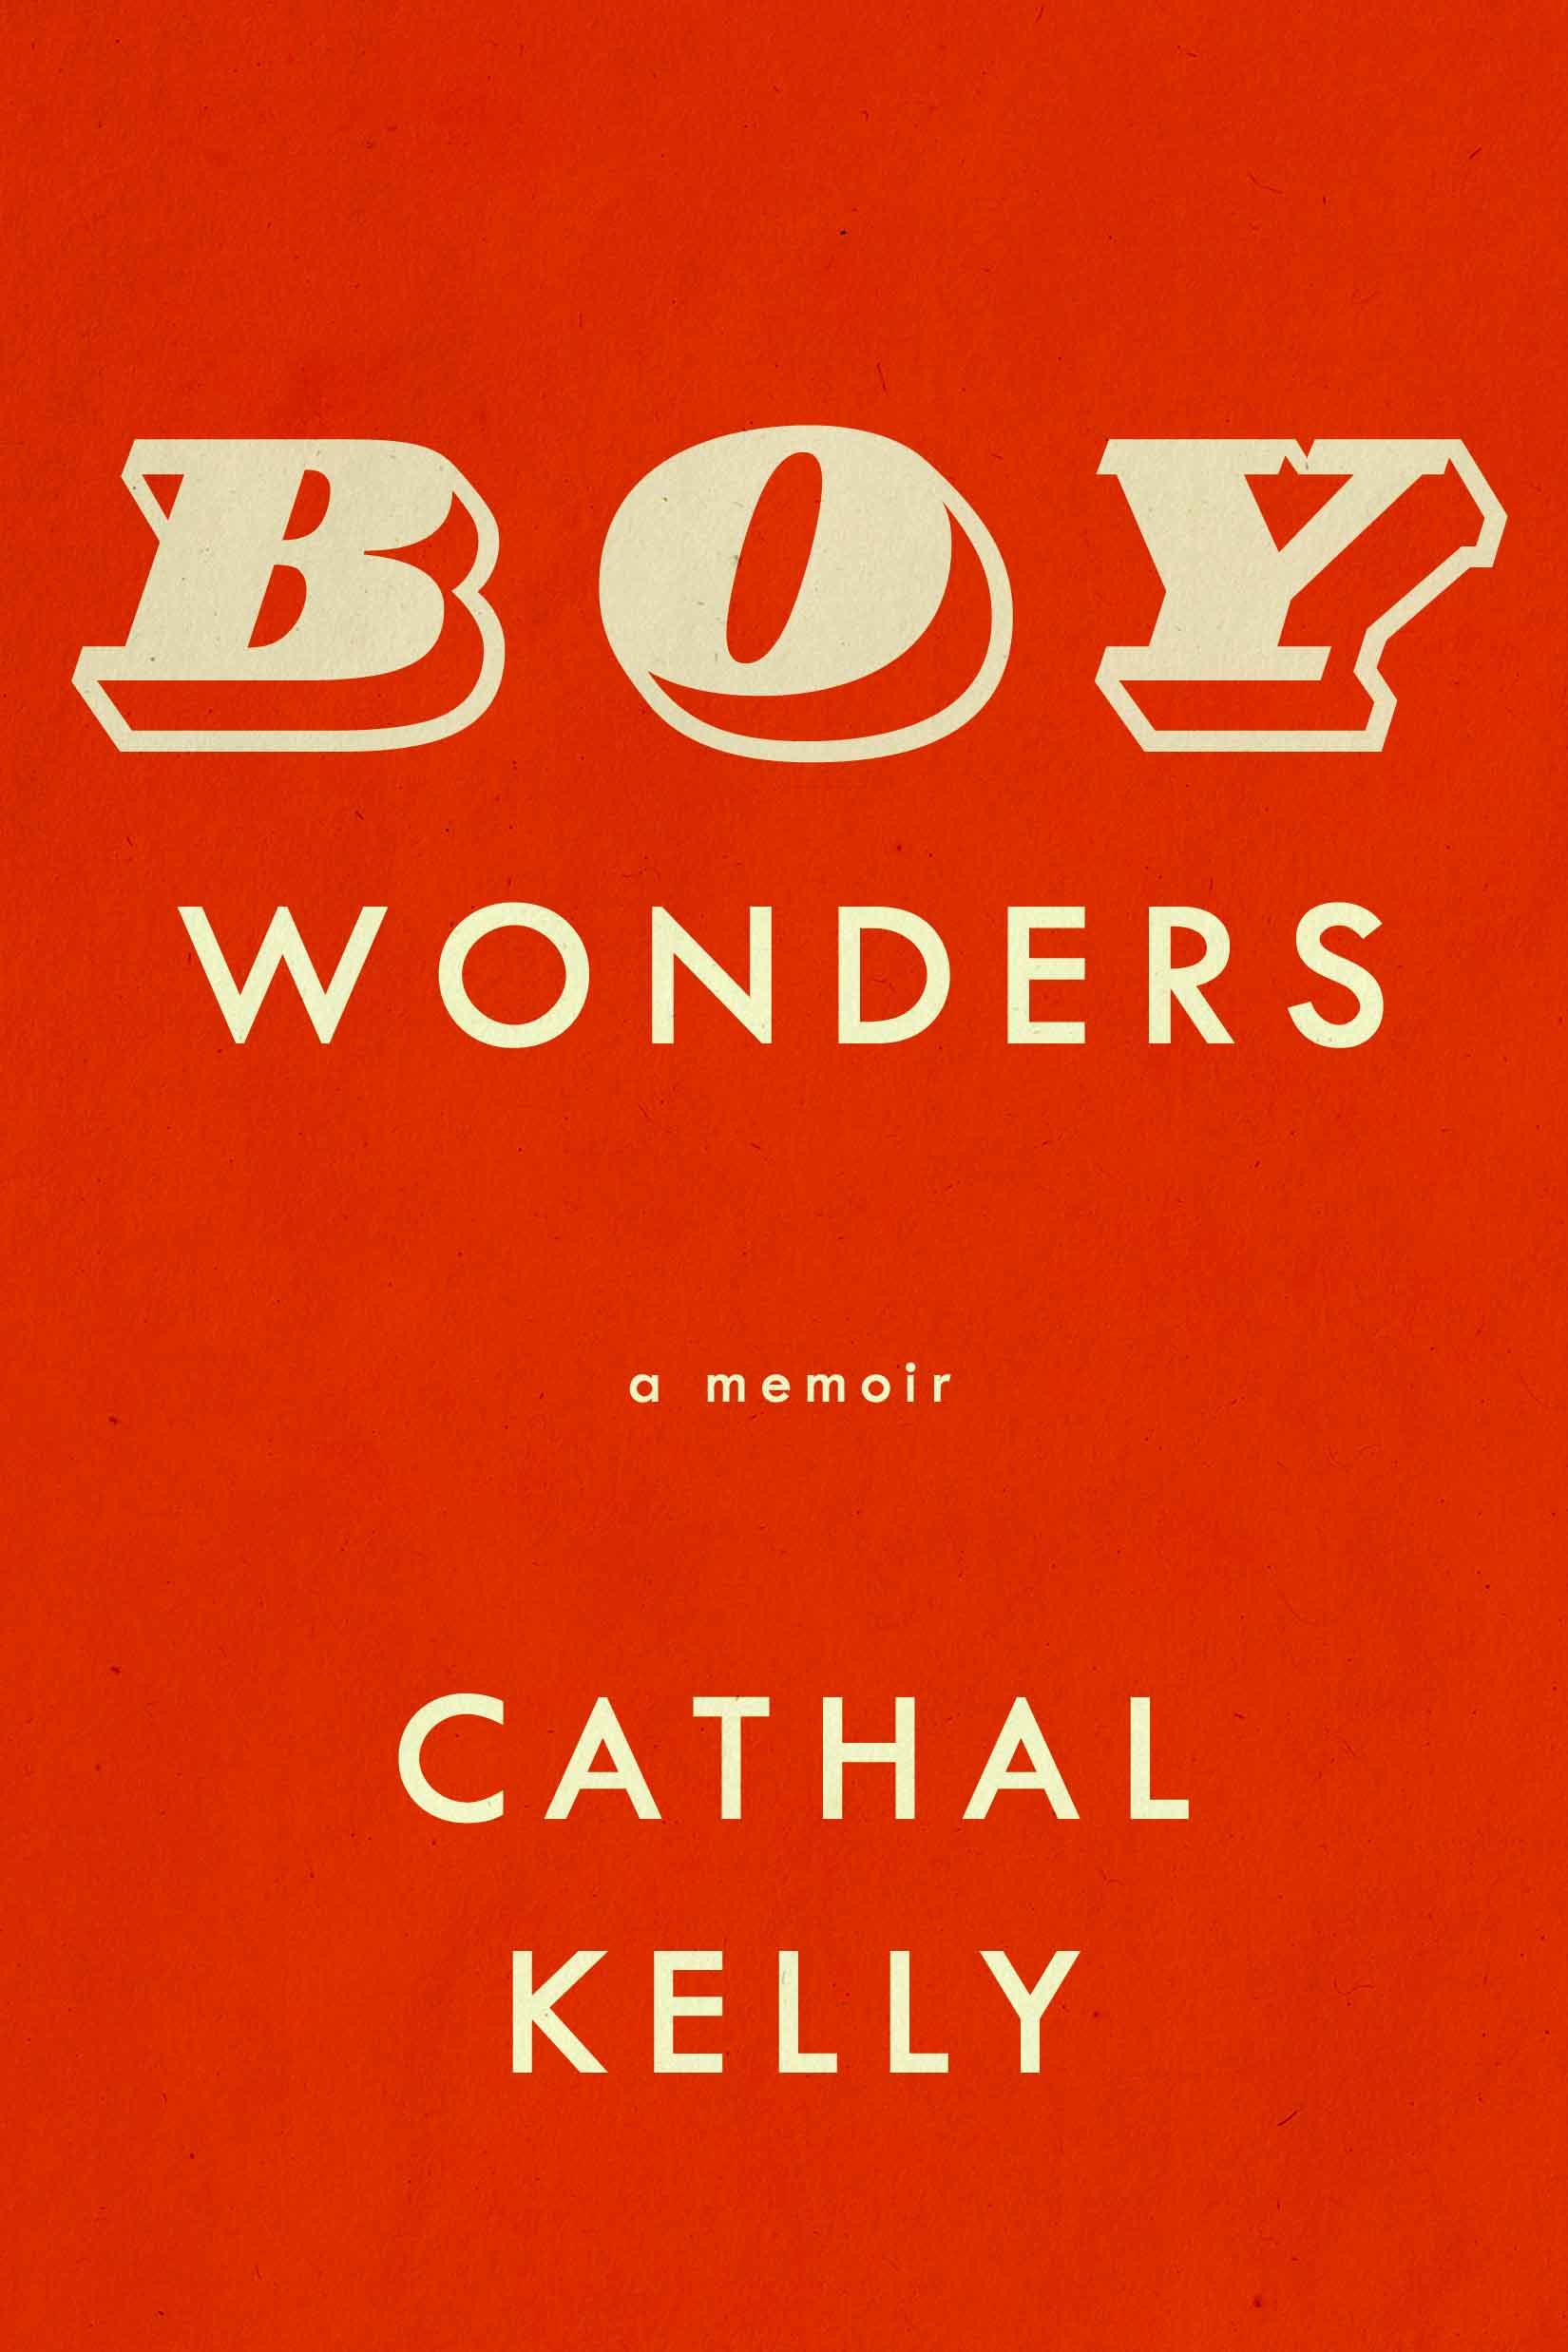 Kelly, Cathal - Boy Wonders - Cover.jpg